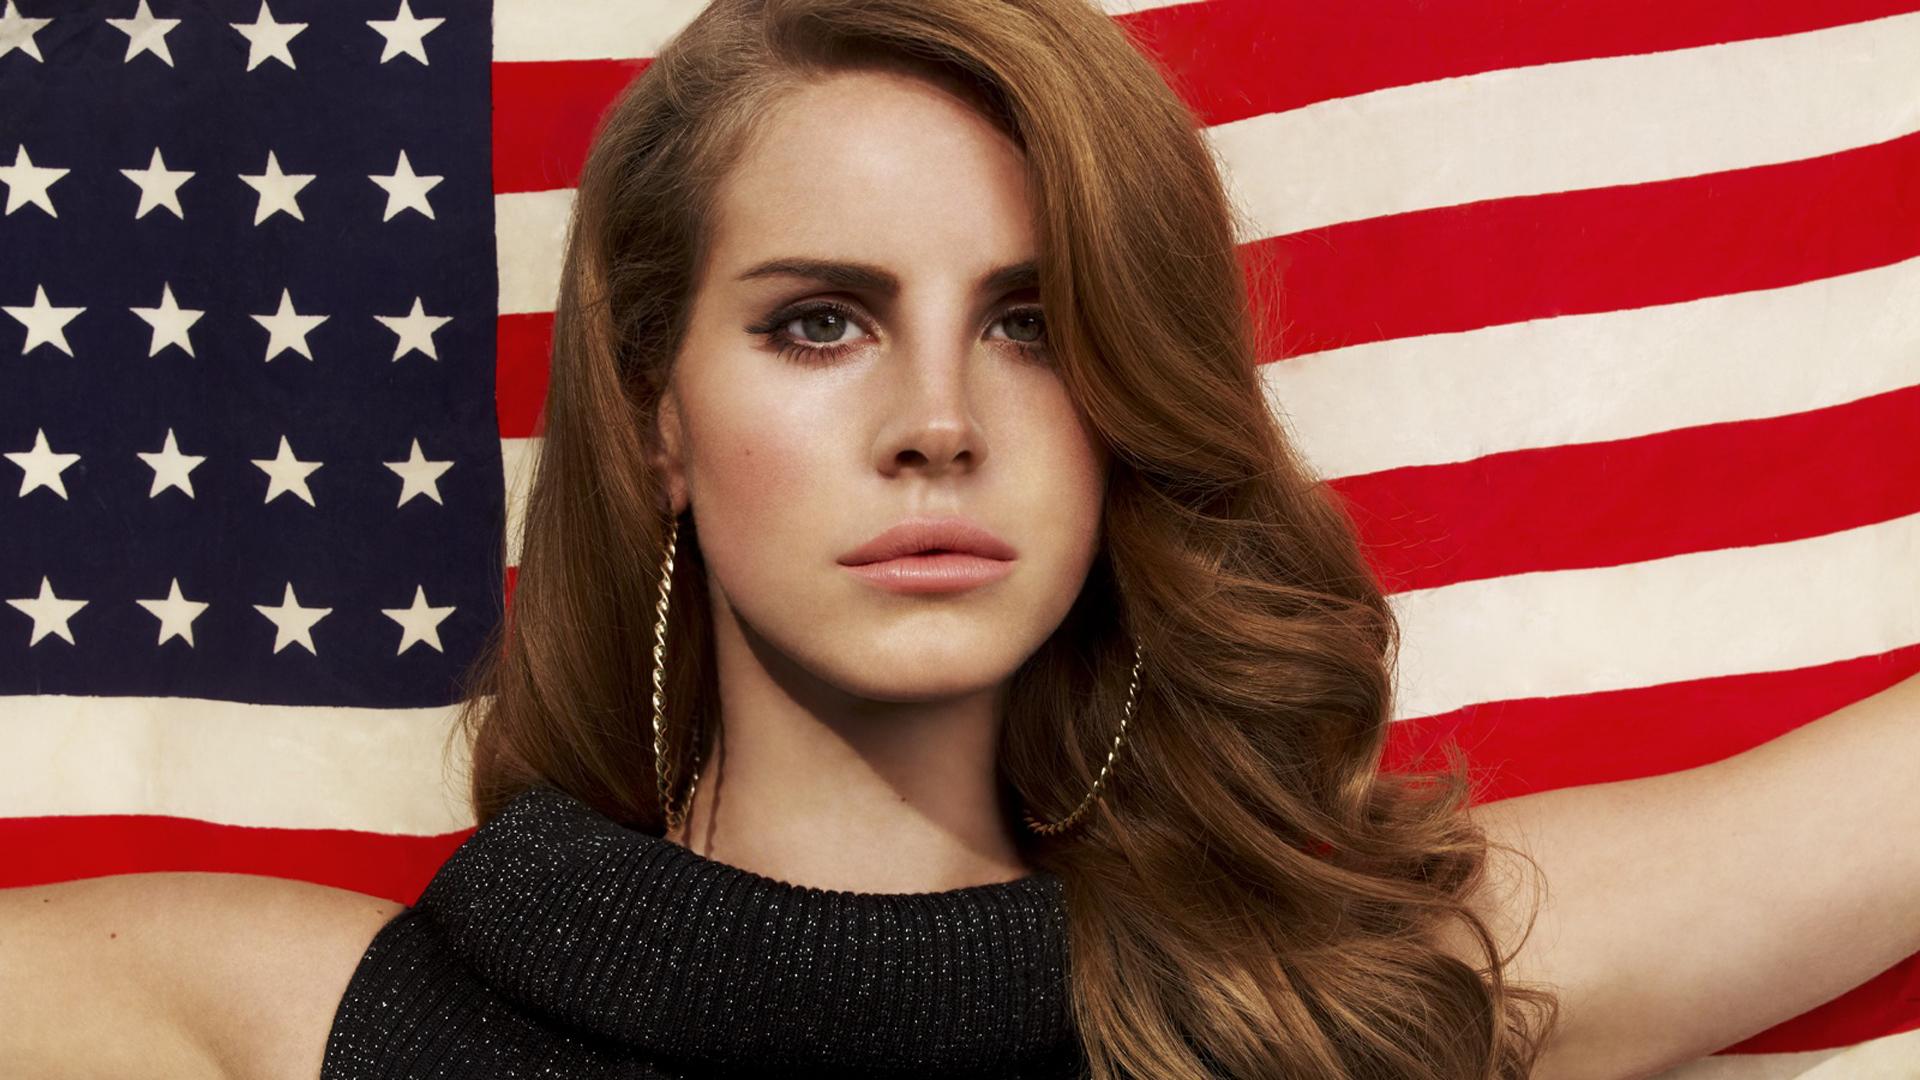 Lana Del Rey Hd